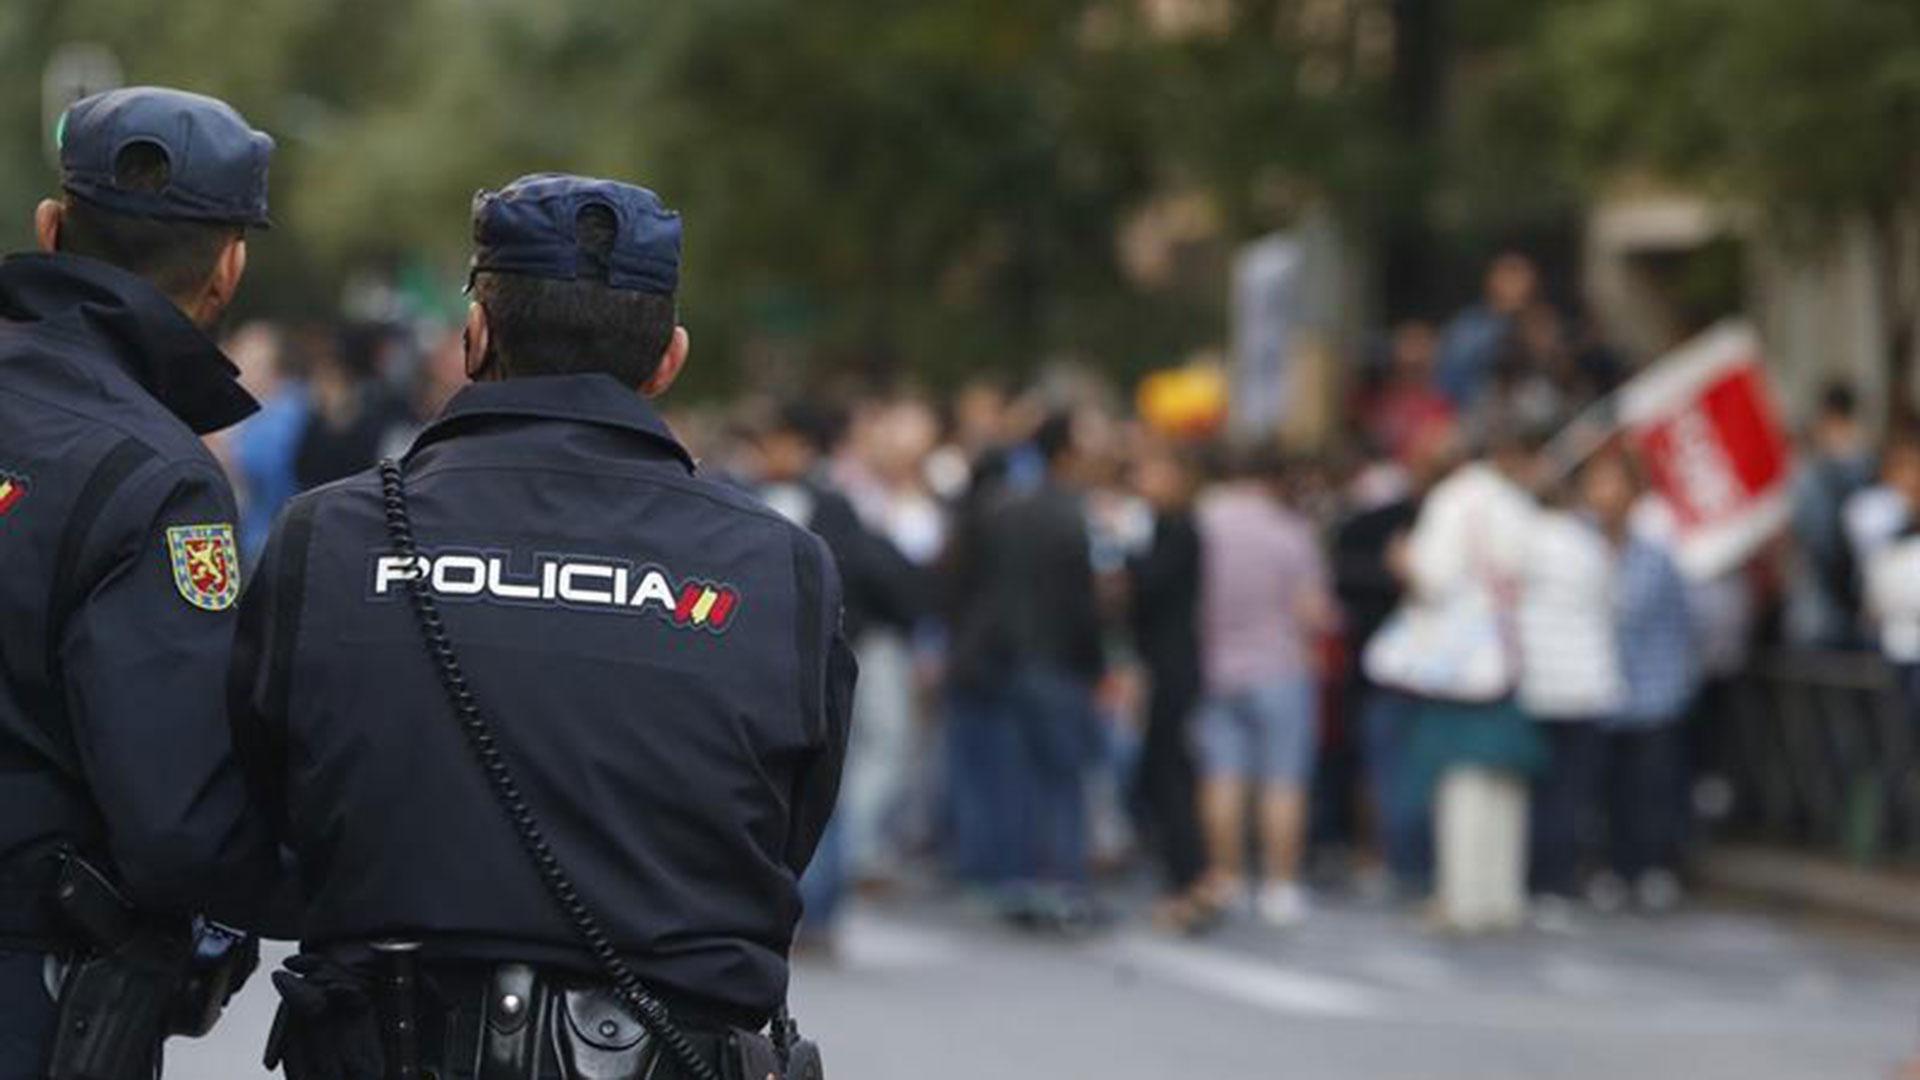 La Policía española se prepara para el gran desafío del domingo con River y Boca (EFE)